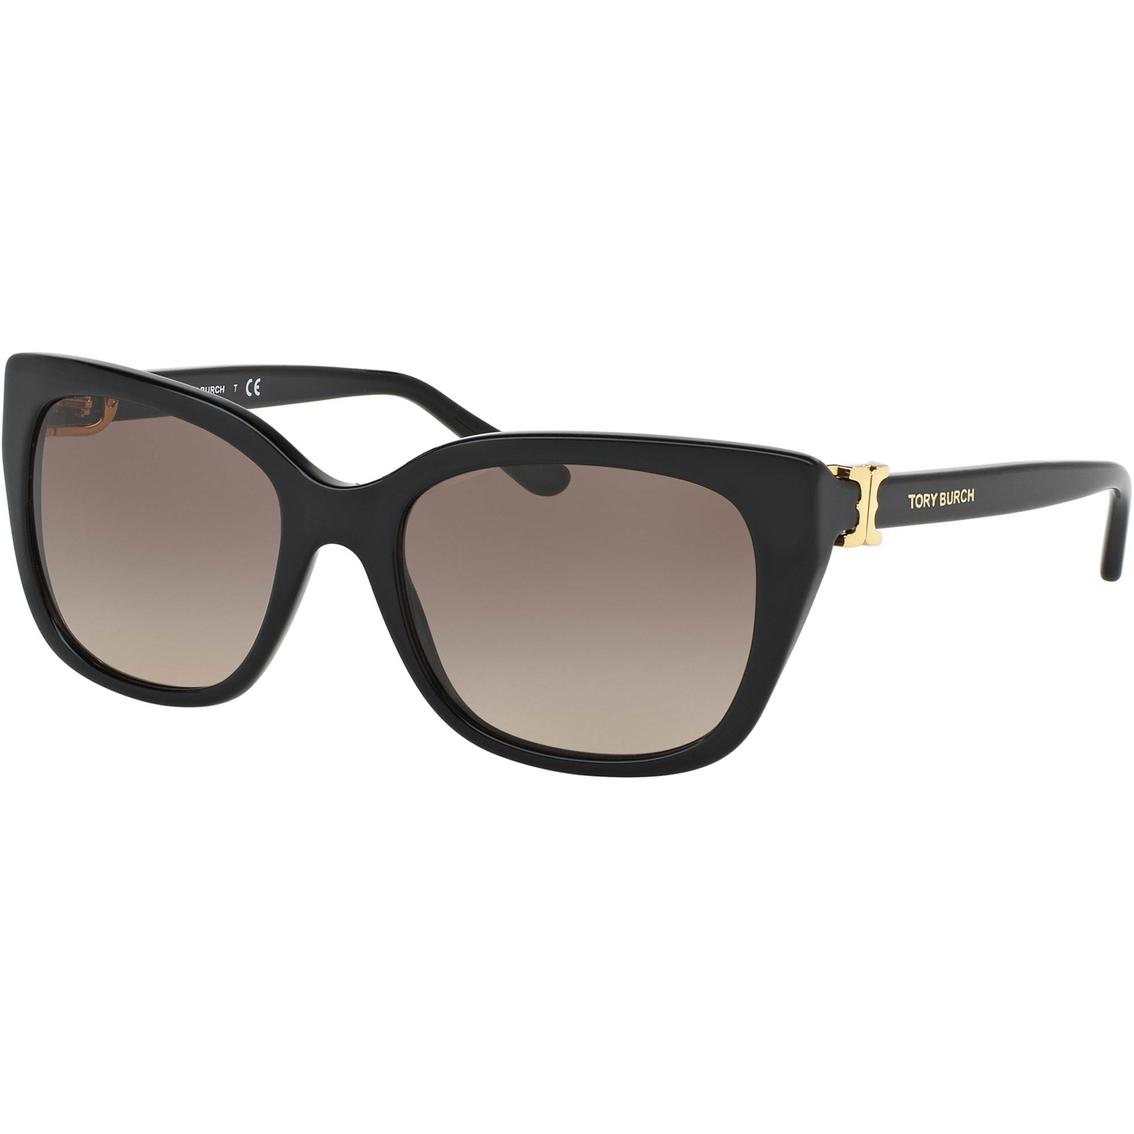 e66ea5451c4 Tory Burch Cat Eye Sunglasses 0ty7099